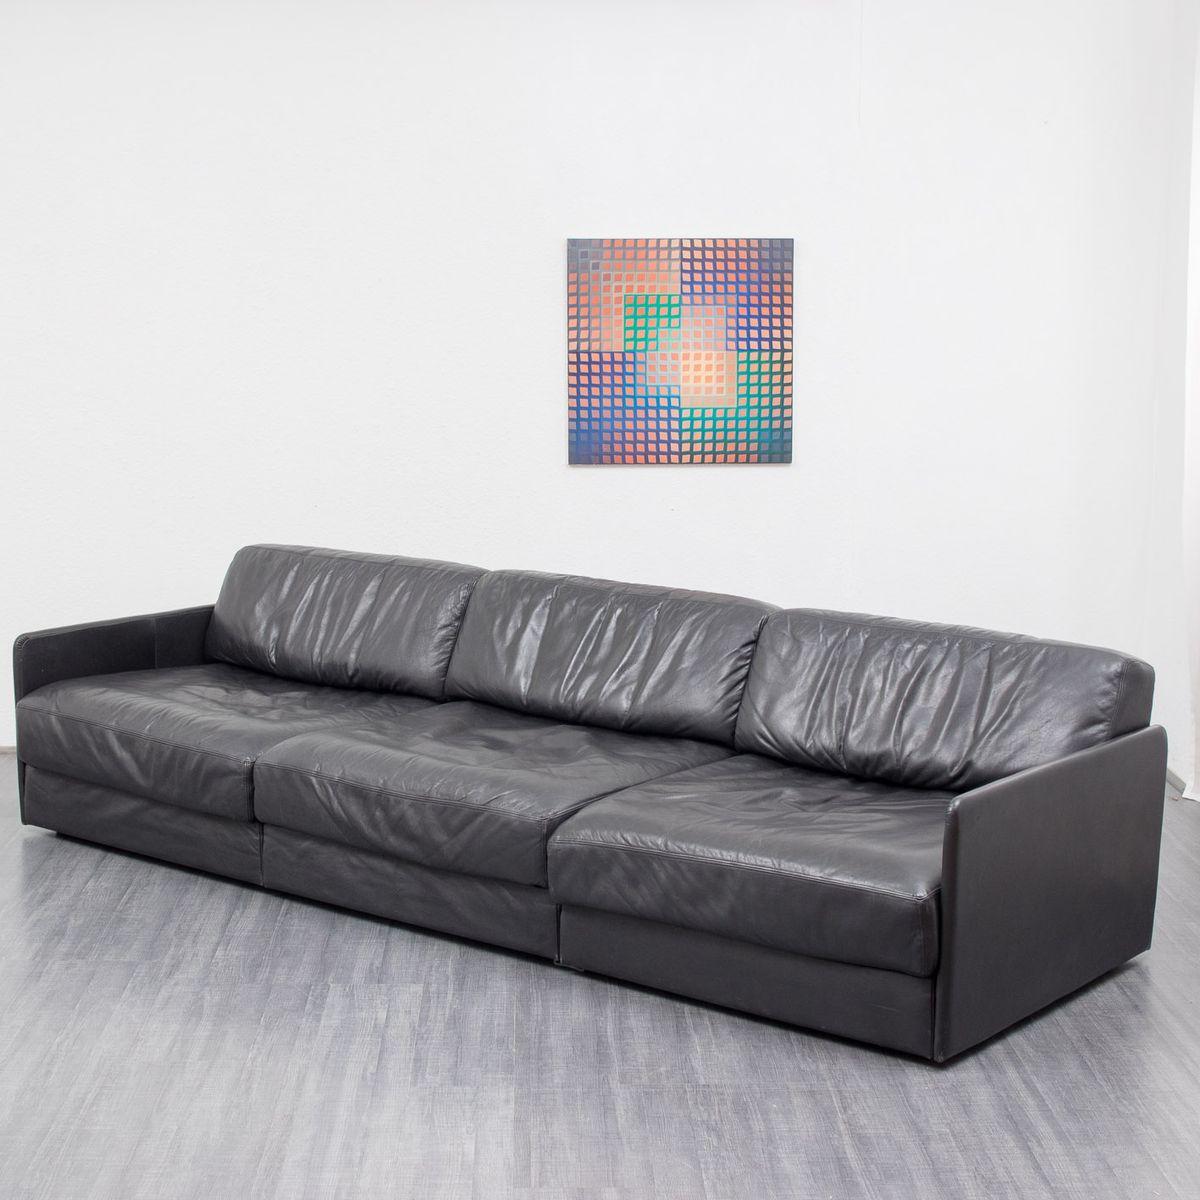 ds 76 dreisitzer sofa von de sede bei pamono kaufen. Black Bedroom Furniture Sets. Home Design Ideas